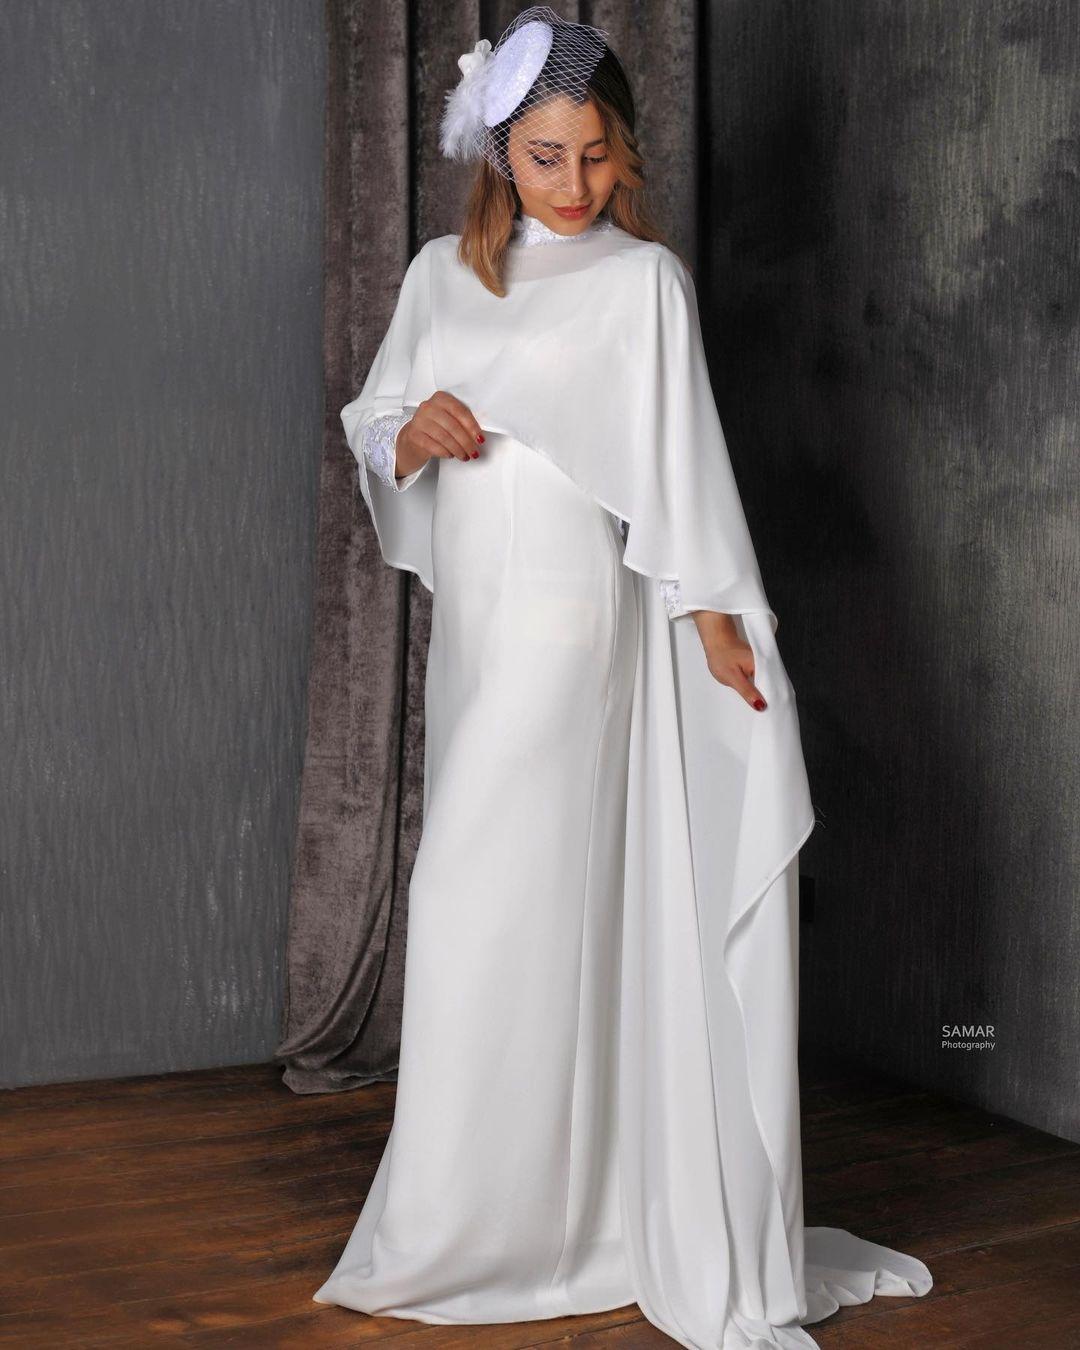 مزون لباس عروس گلوریا در مشهد